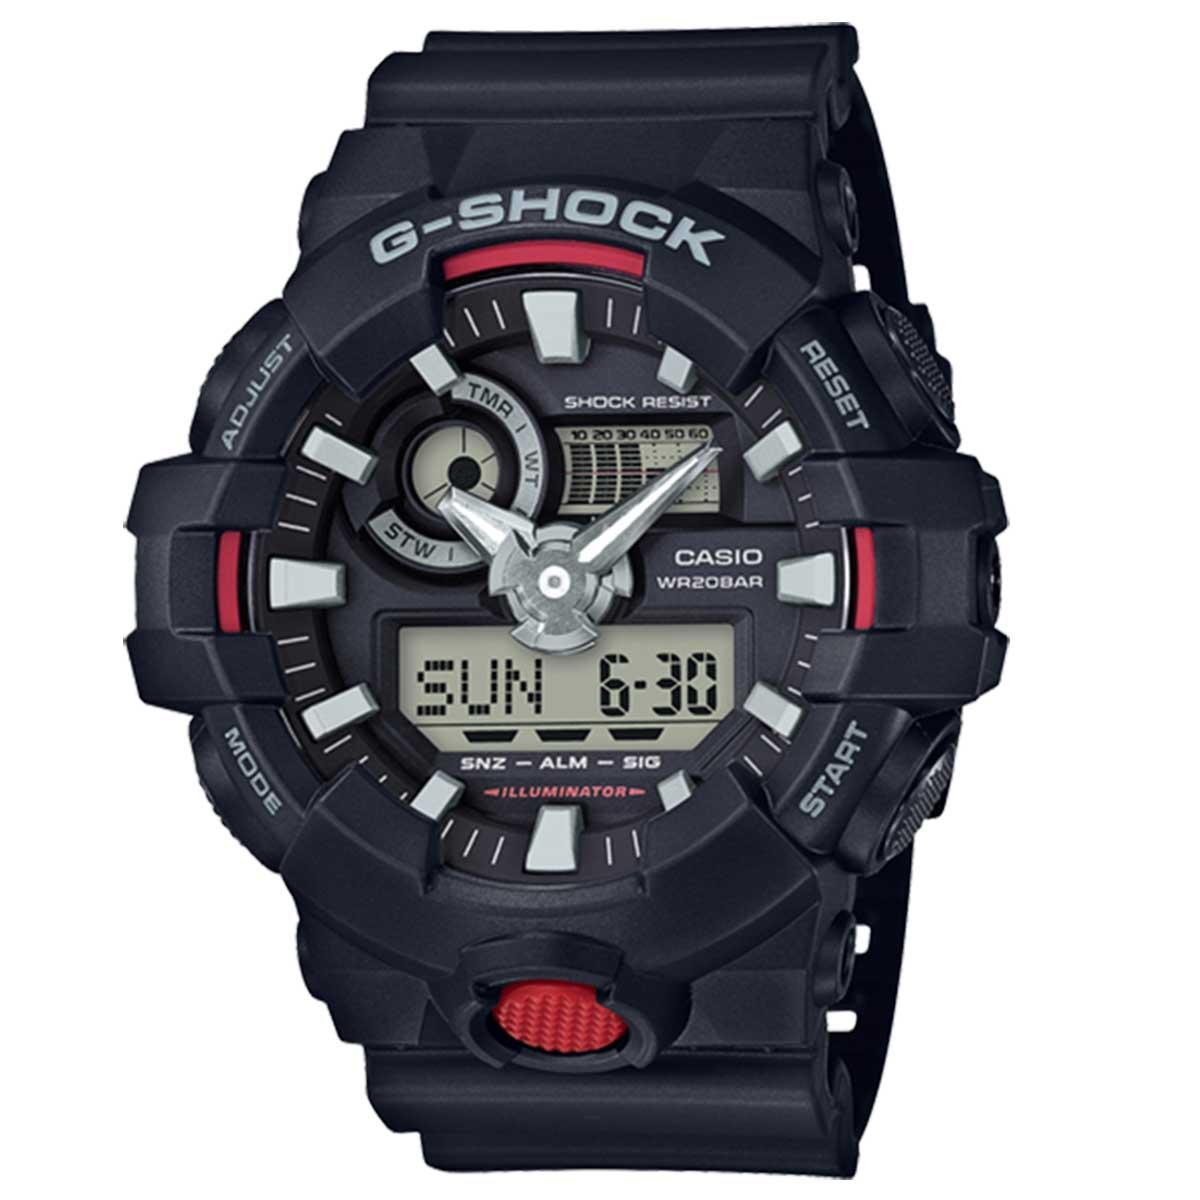 Relógio de Pulso Masculino Casio G-Shock GA-700-1ADR - Preto